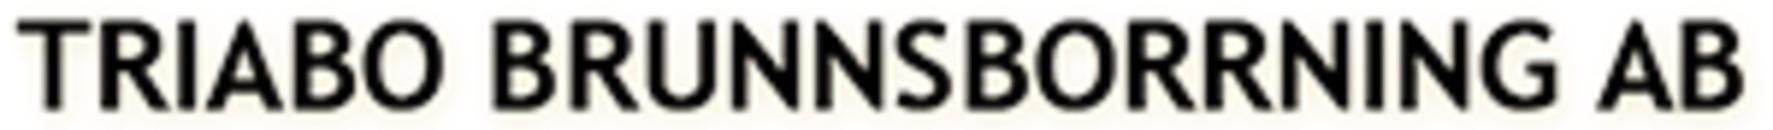 Triabo Brunnsborrning AB logo